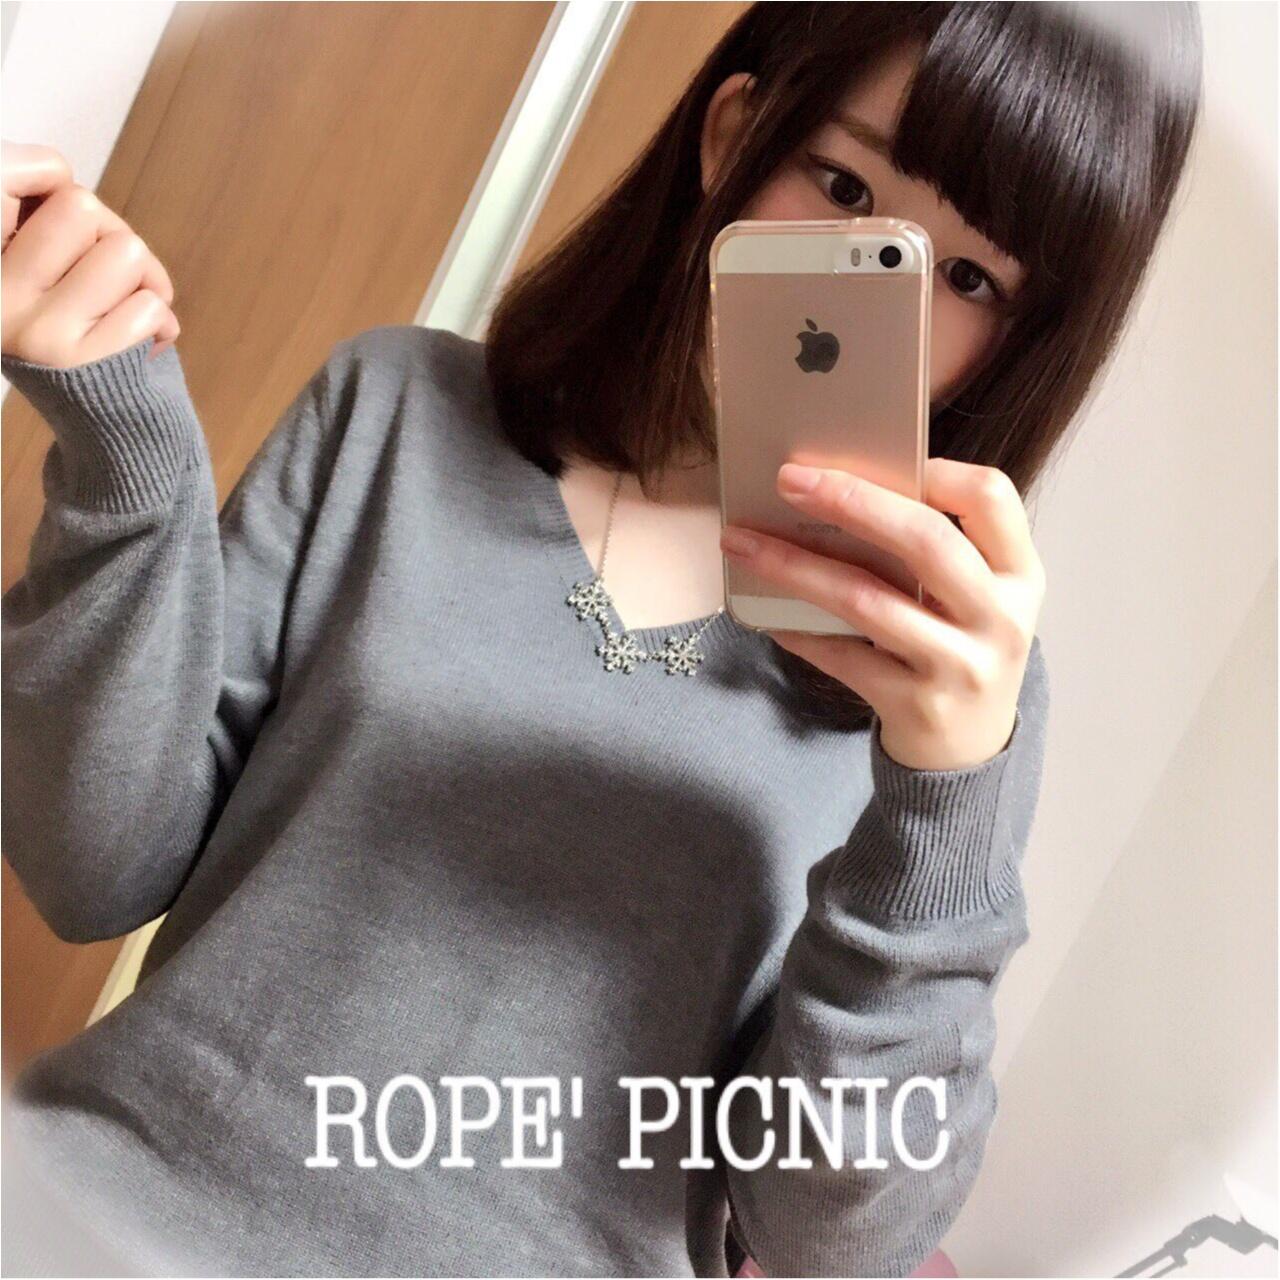 【お値段たったの3,132円!】『ROPE' PICNIC』でパチパチしないポカポカニットをgetしました♡_1